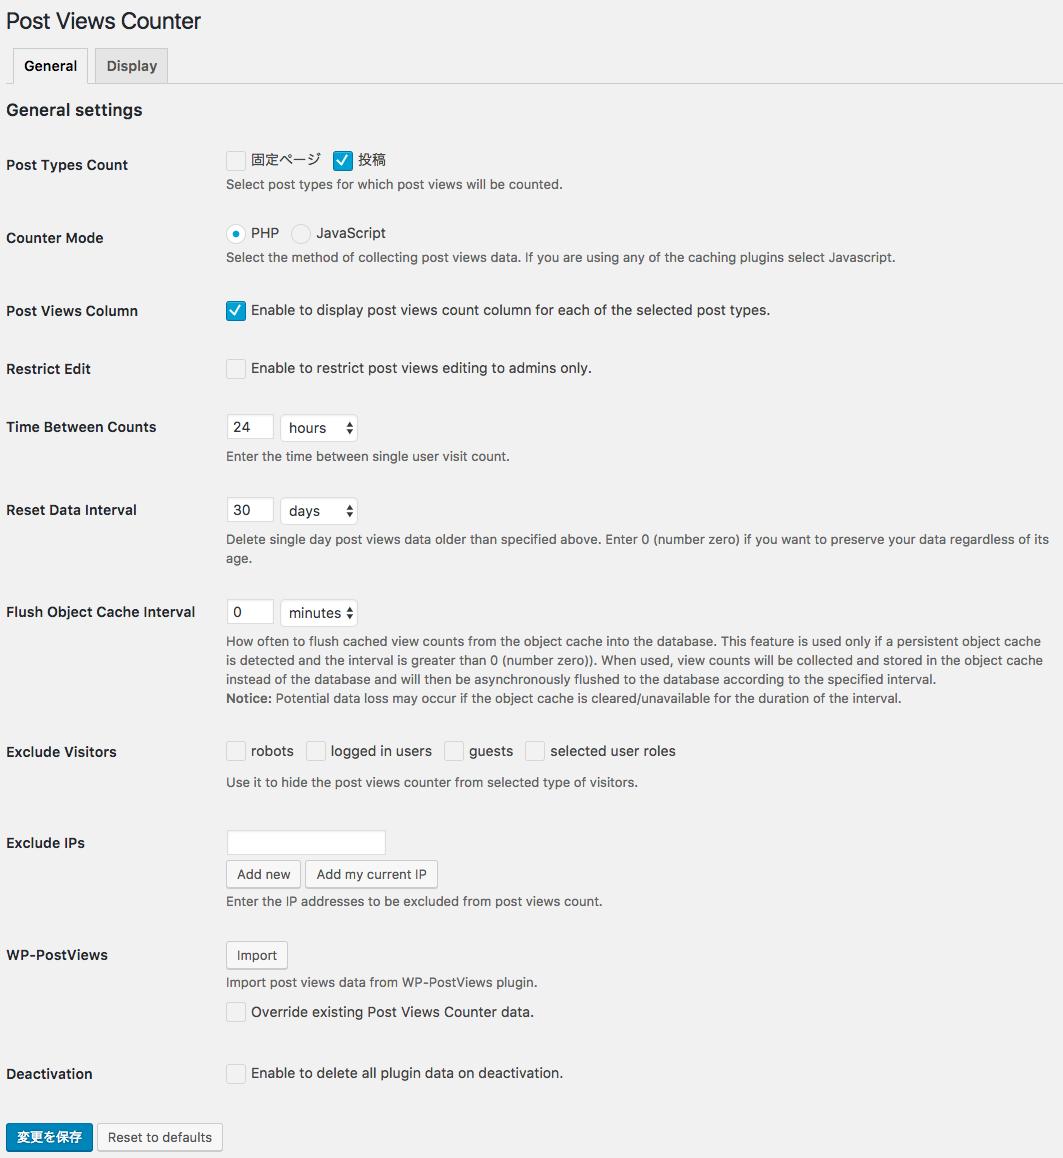 Post Types Count :  どの投稿タイプの記事をカウントするか選択します。固定ページにもチェックを入れると固定ページもランキングに反映されます。